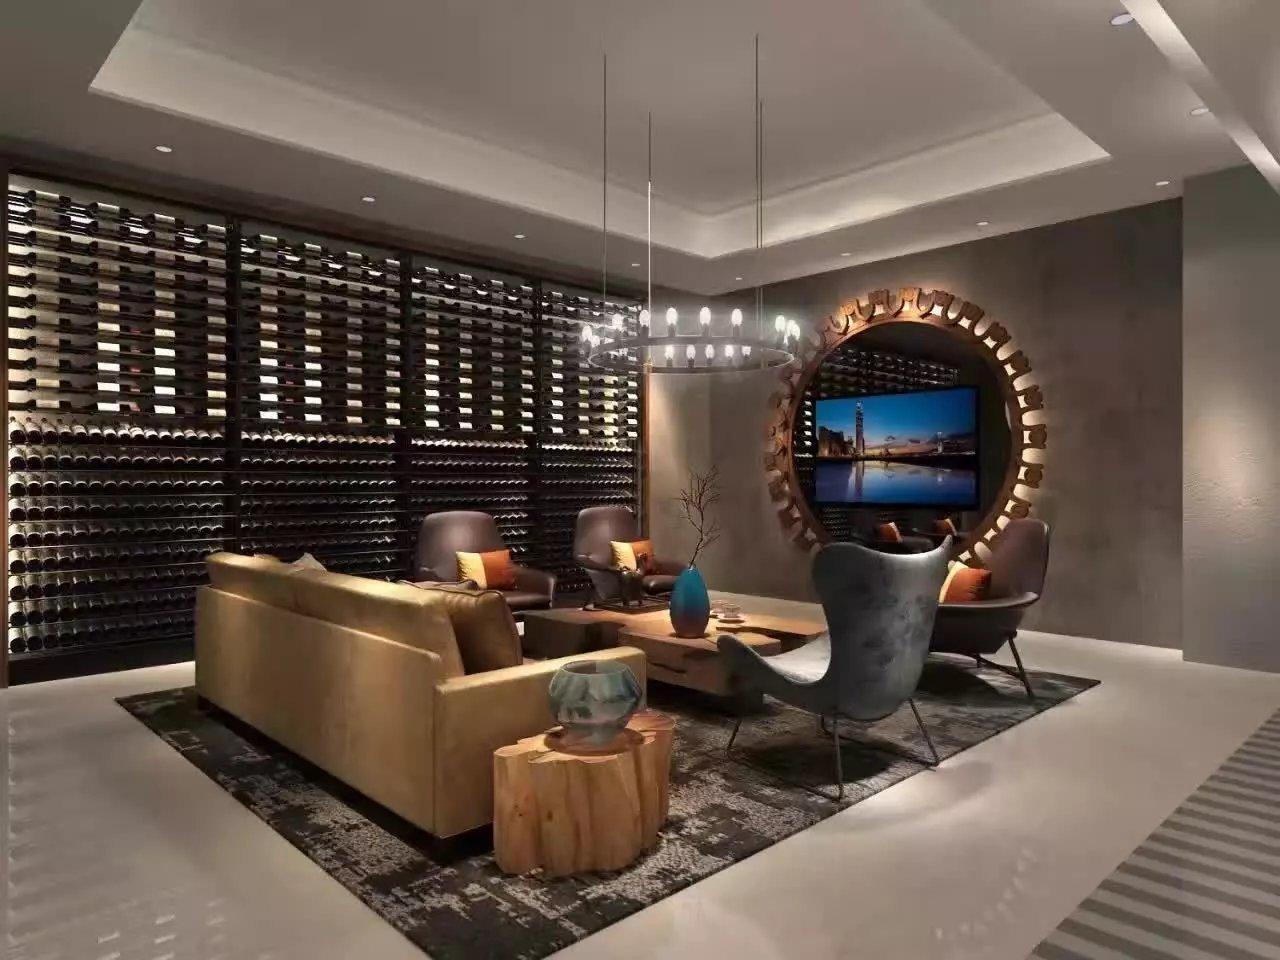 酒窖私人酒庄装修设计效果图设计门头设计效果图施工图